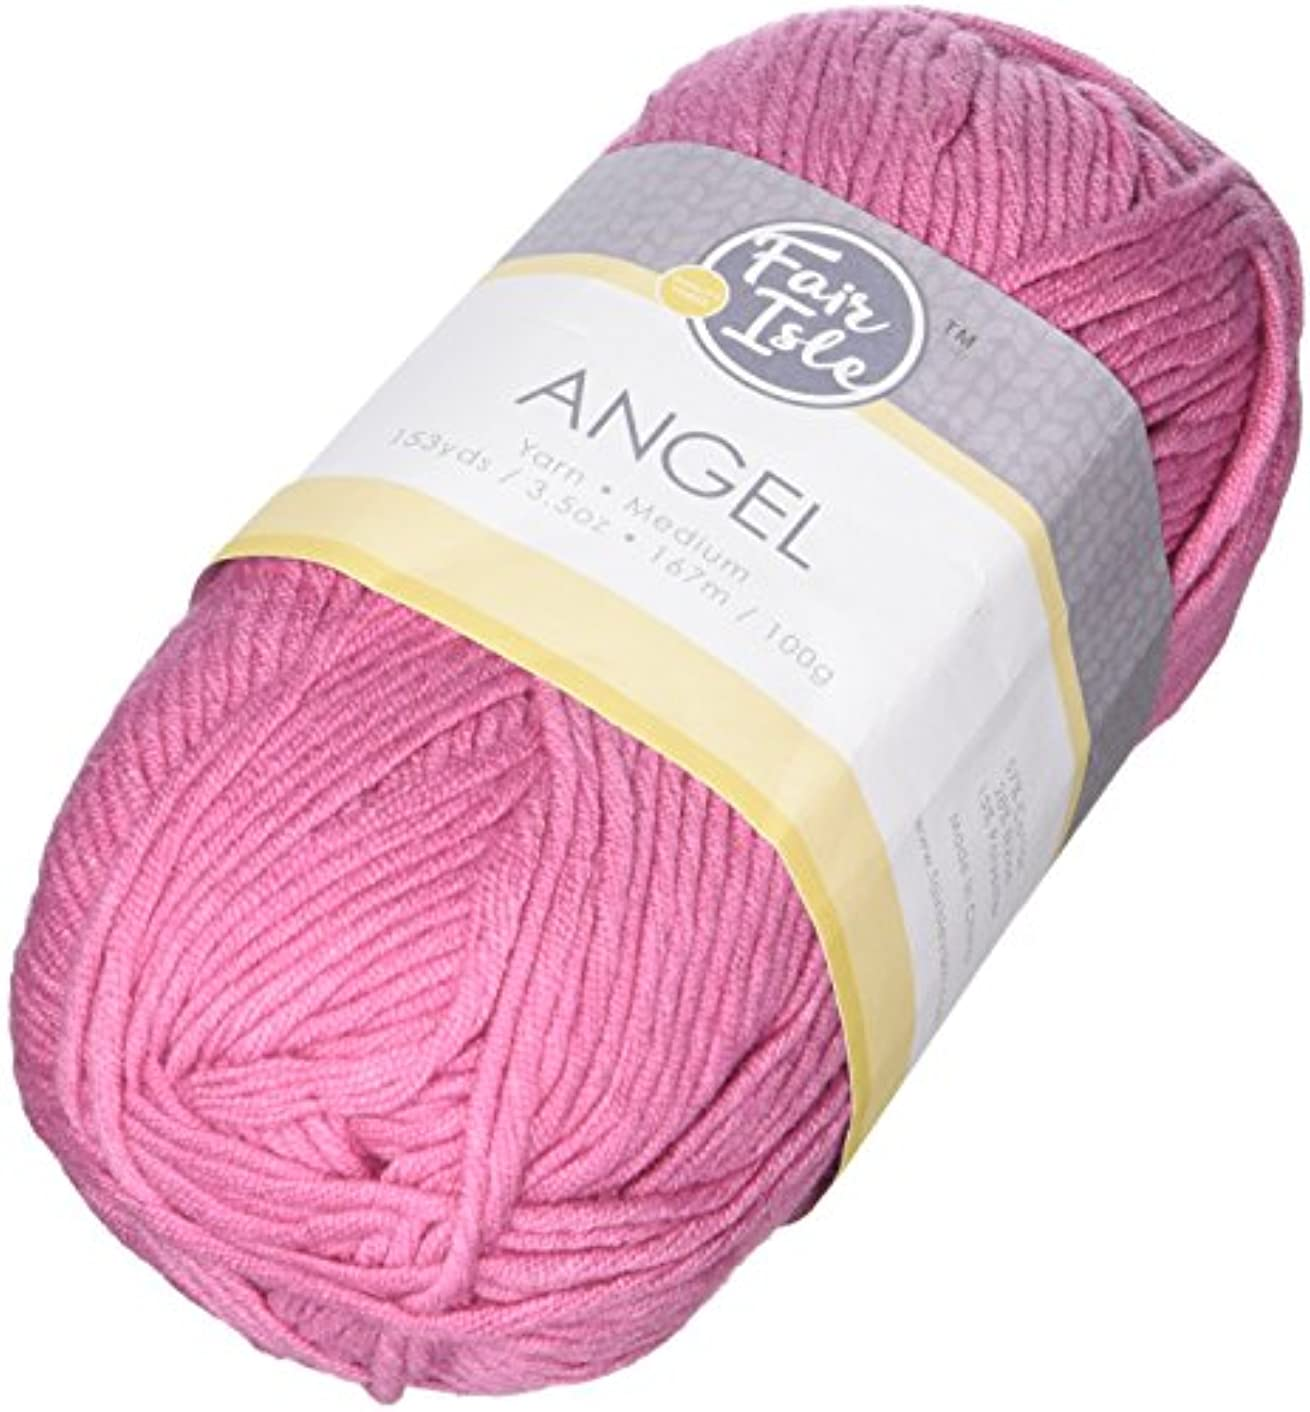 Fair Isle Yarn 1019107102 Angel Yarn, Rose